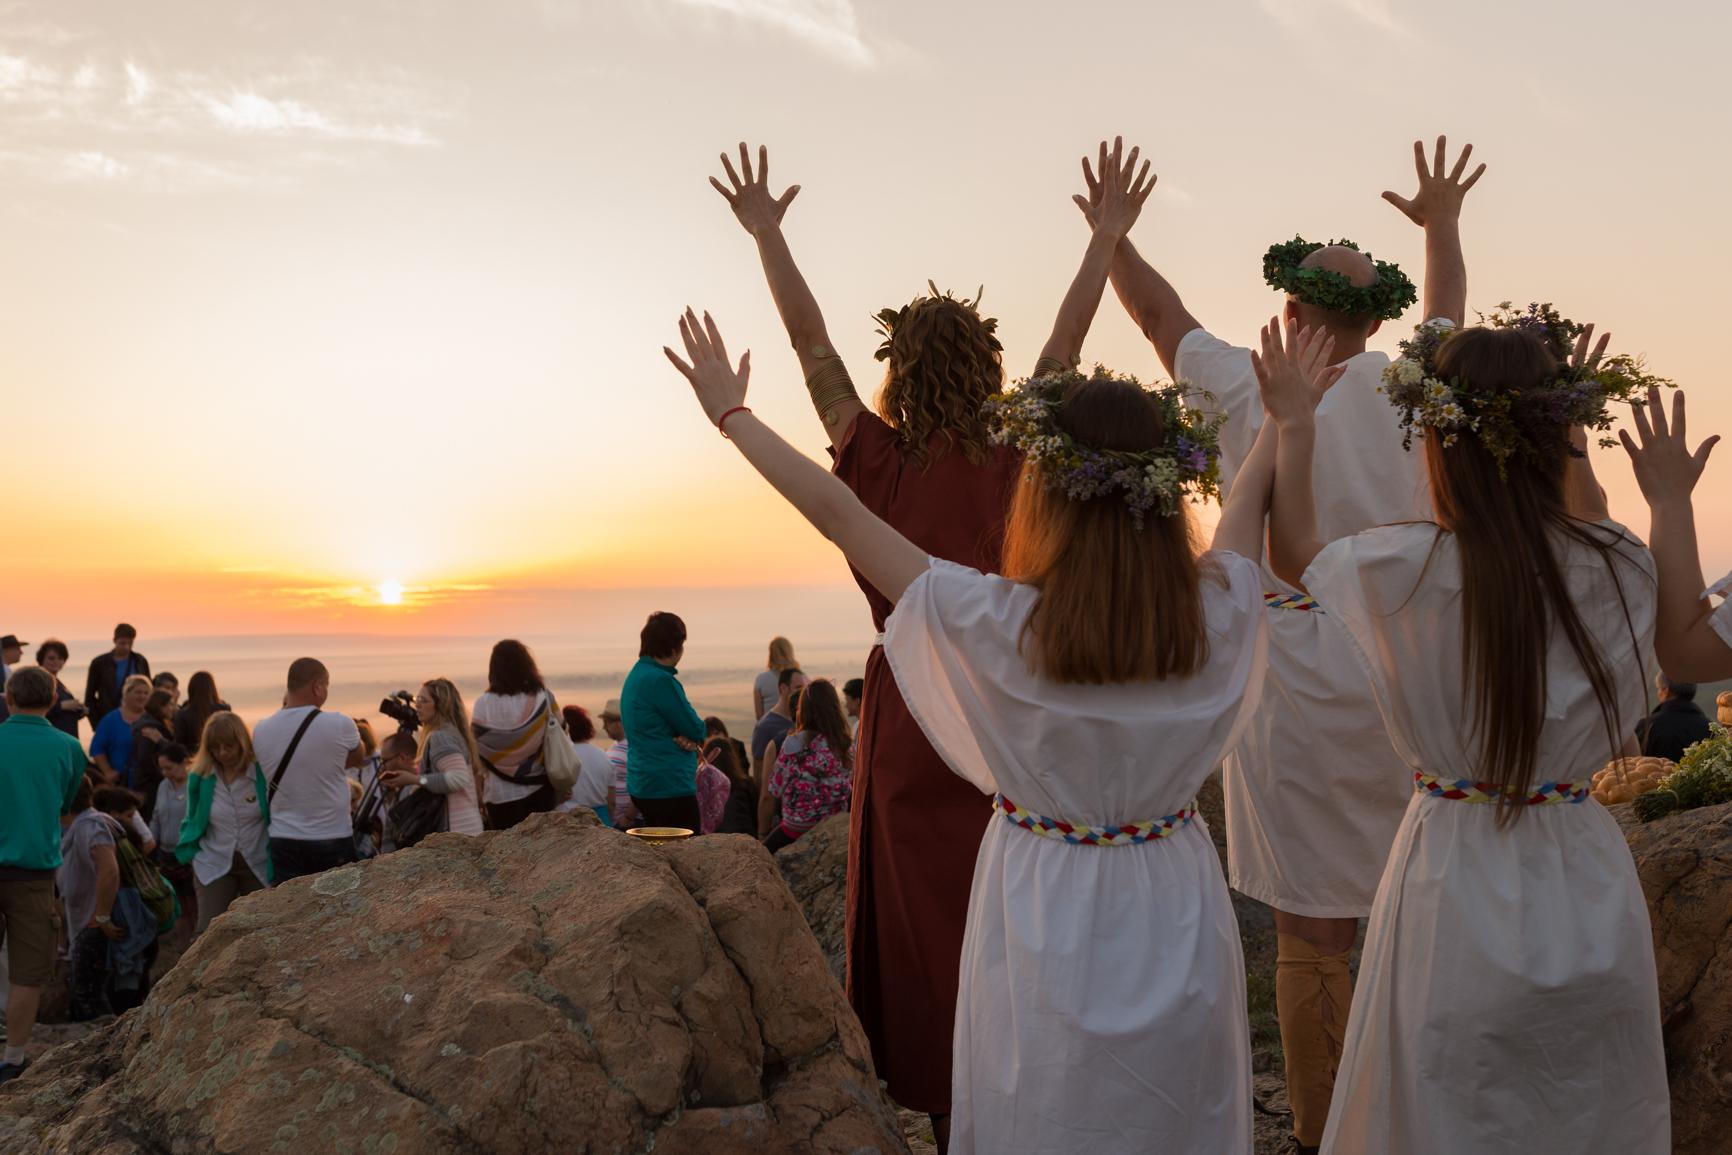 Пресъздадоха древен ритуал за посрещане на изгрева в най-дългия ден от годината